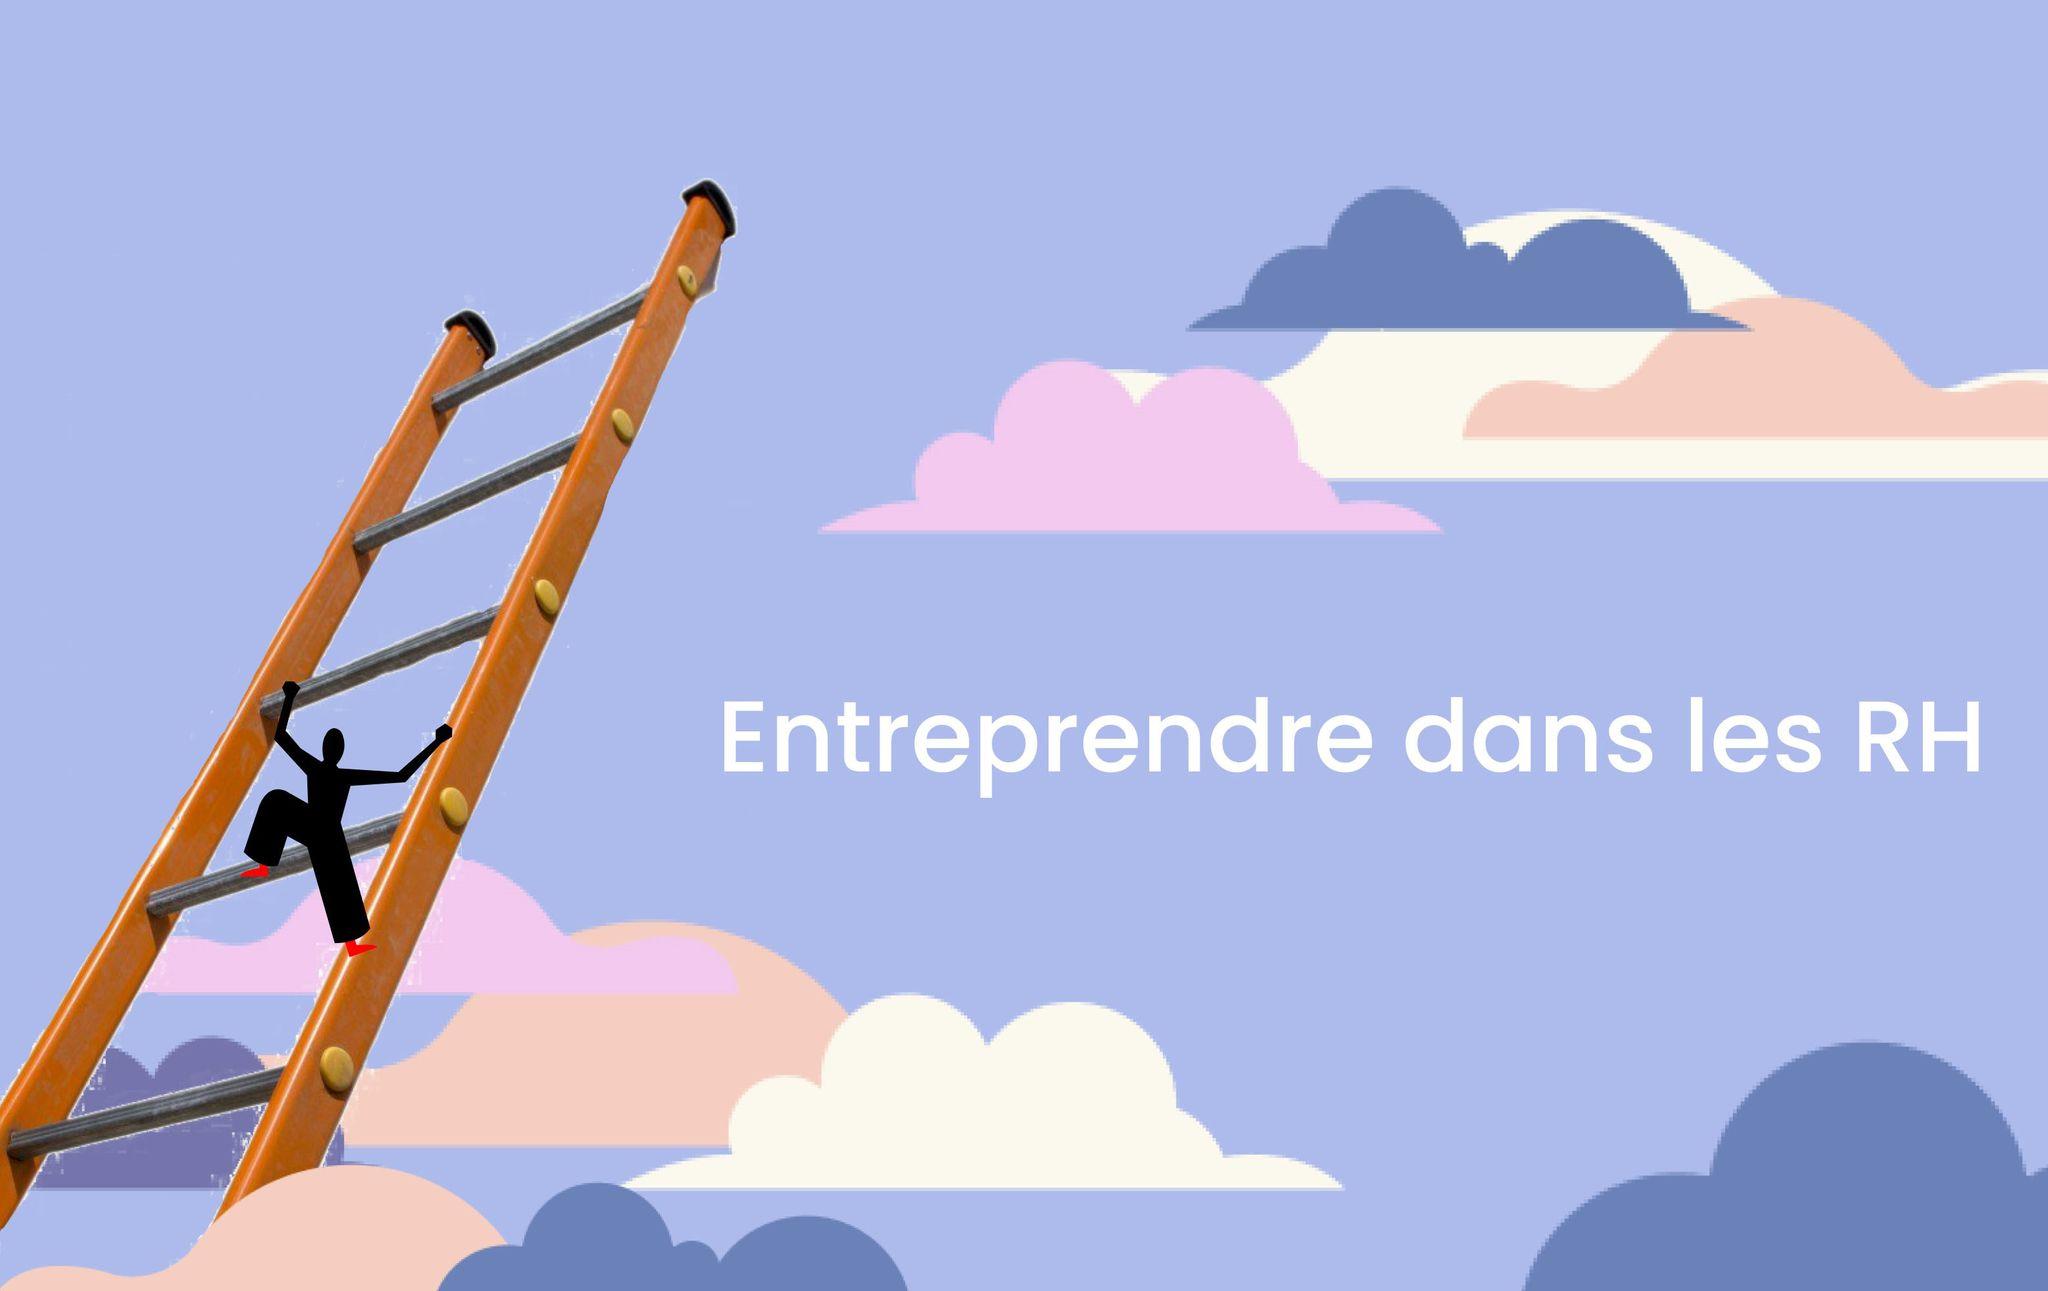 Entreprendre dans les RH seul et aux côtés de Lyon HRTech après une formation entrepreneuriat à emlyon